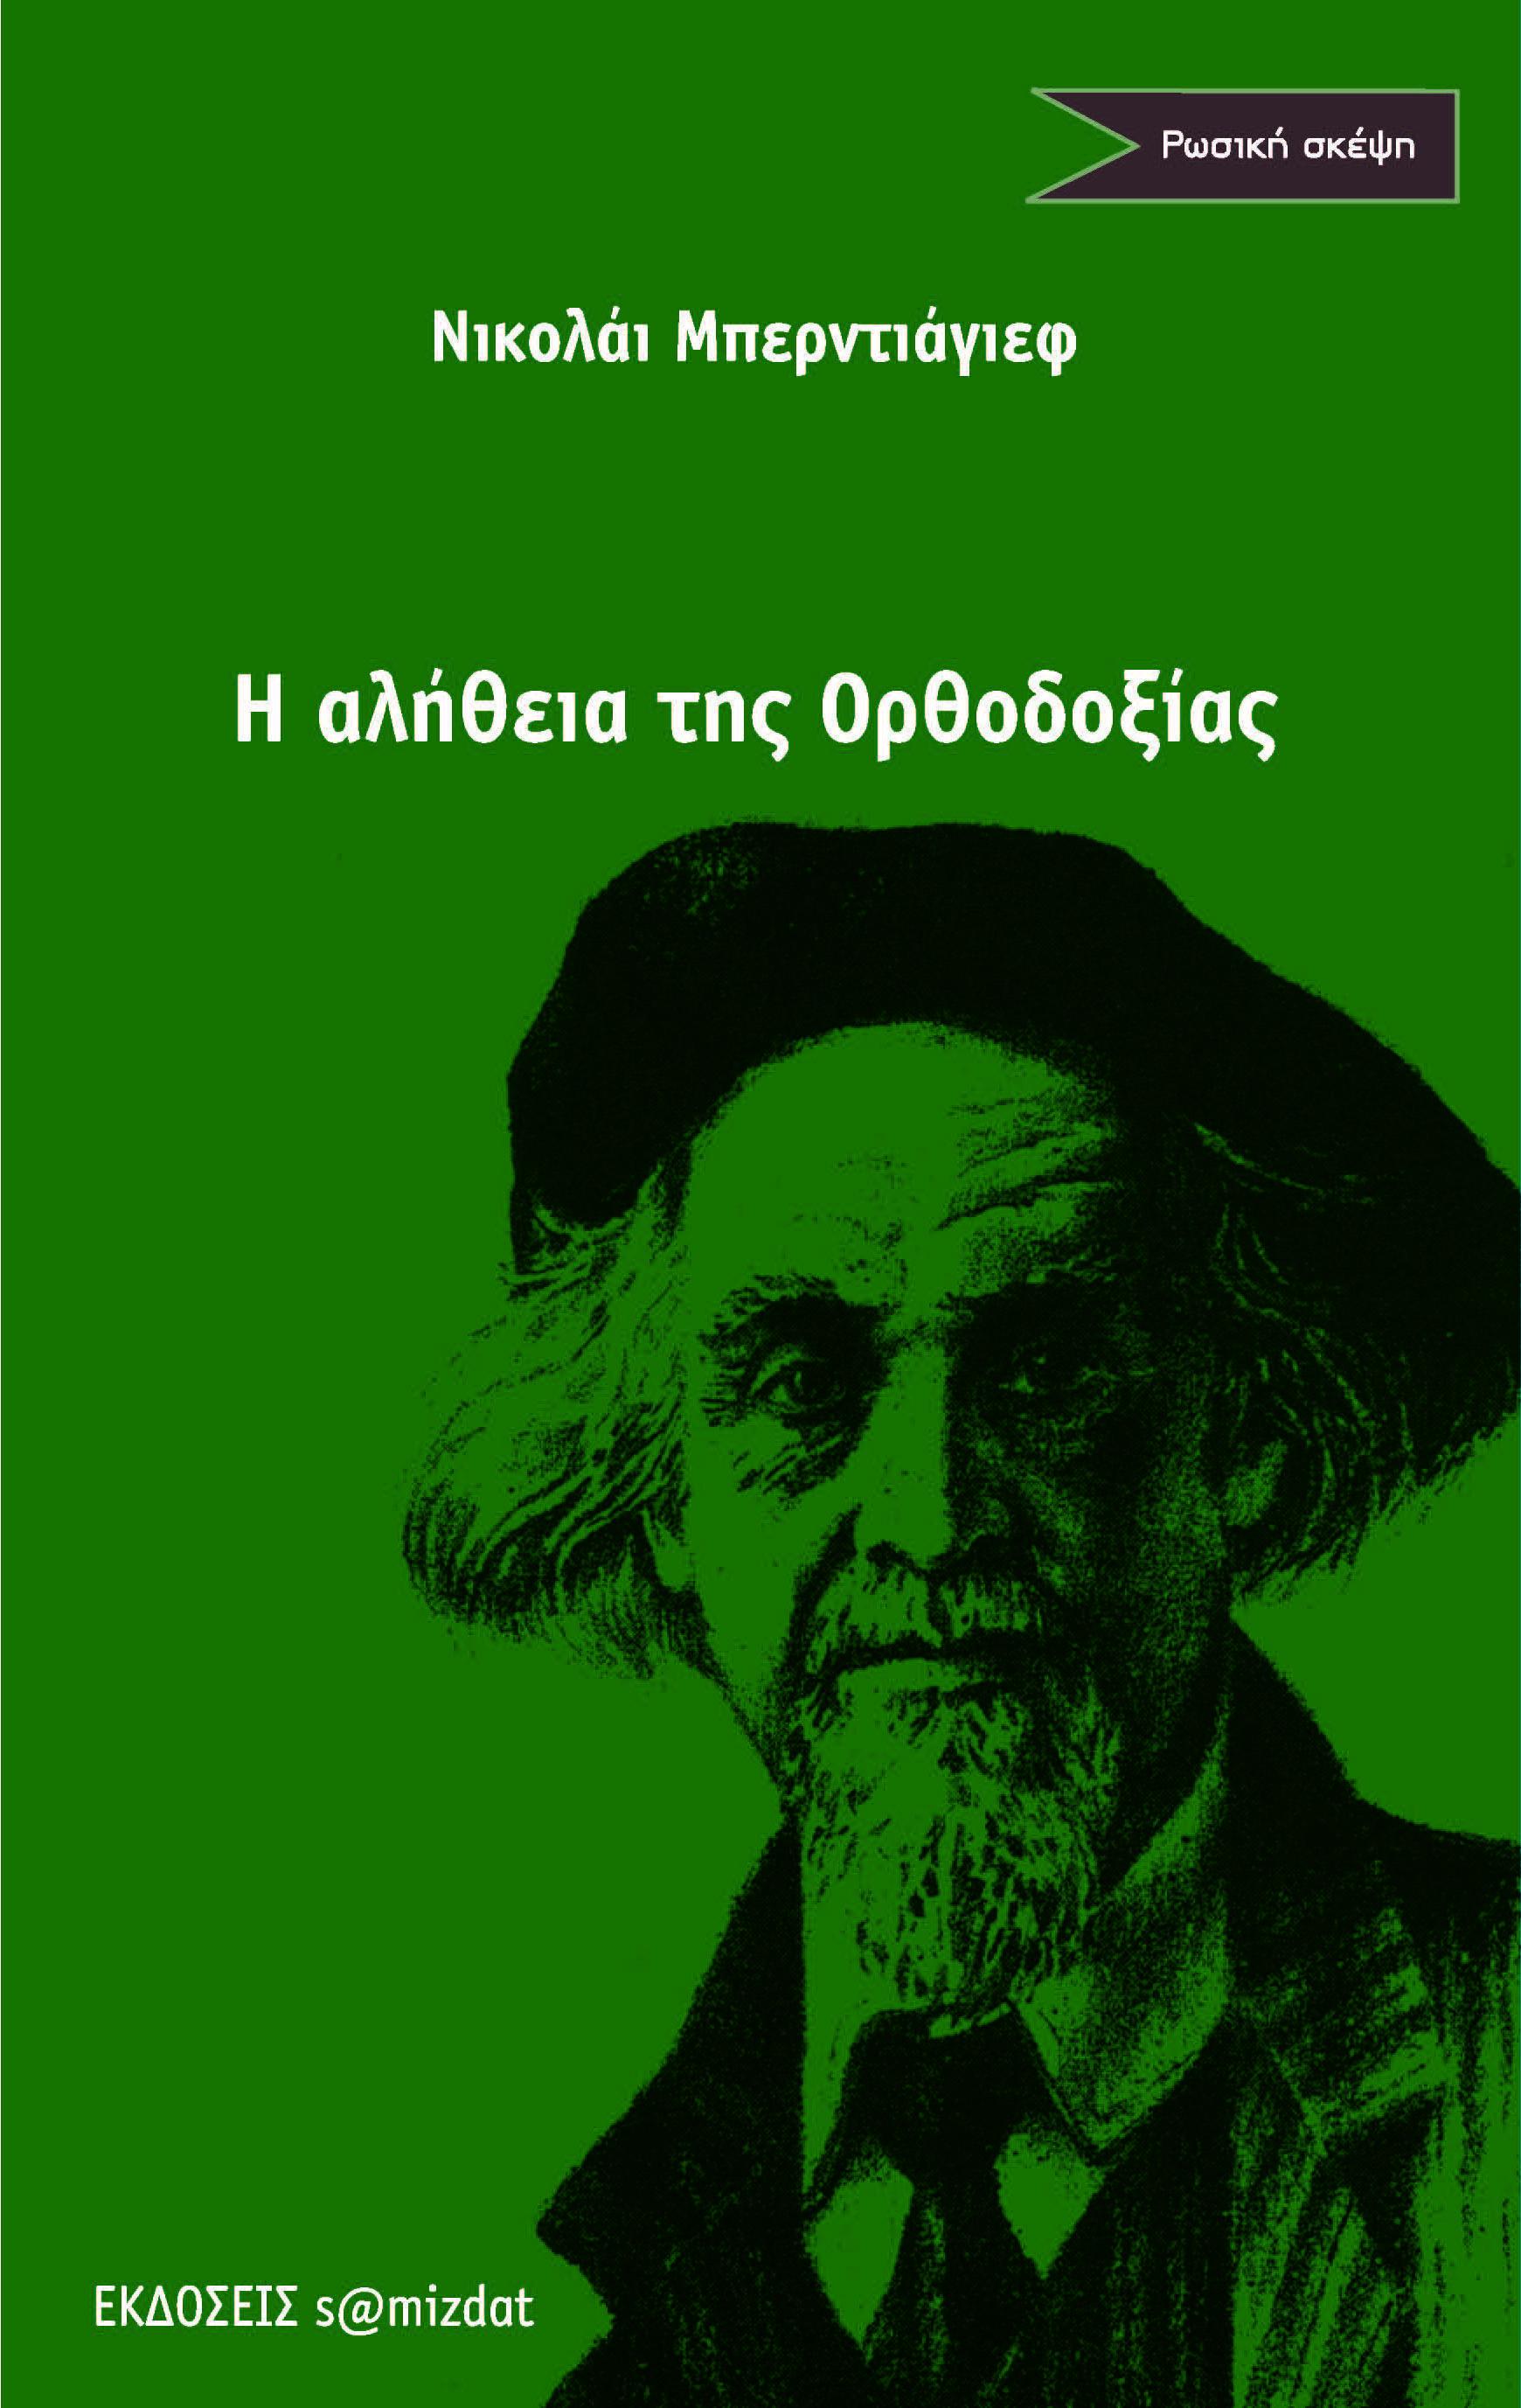 Νικολάι Μπερντάγιεφ Η Αλήθεια της Ορθοδοξίας